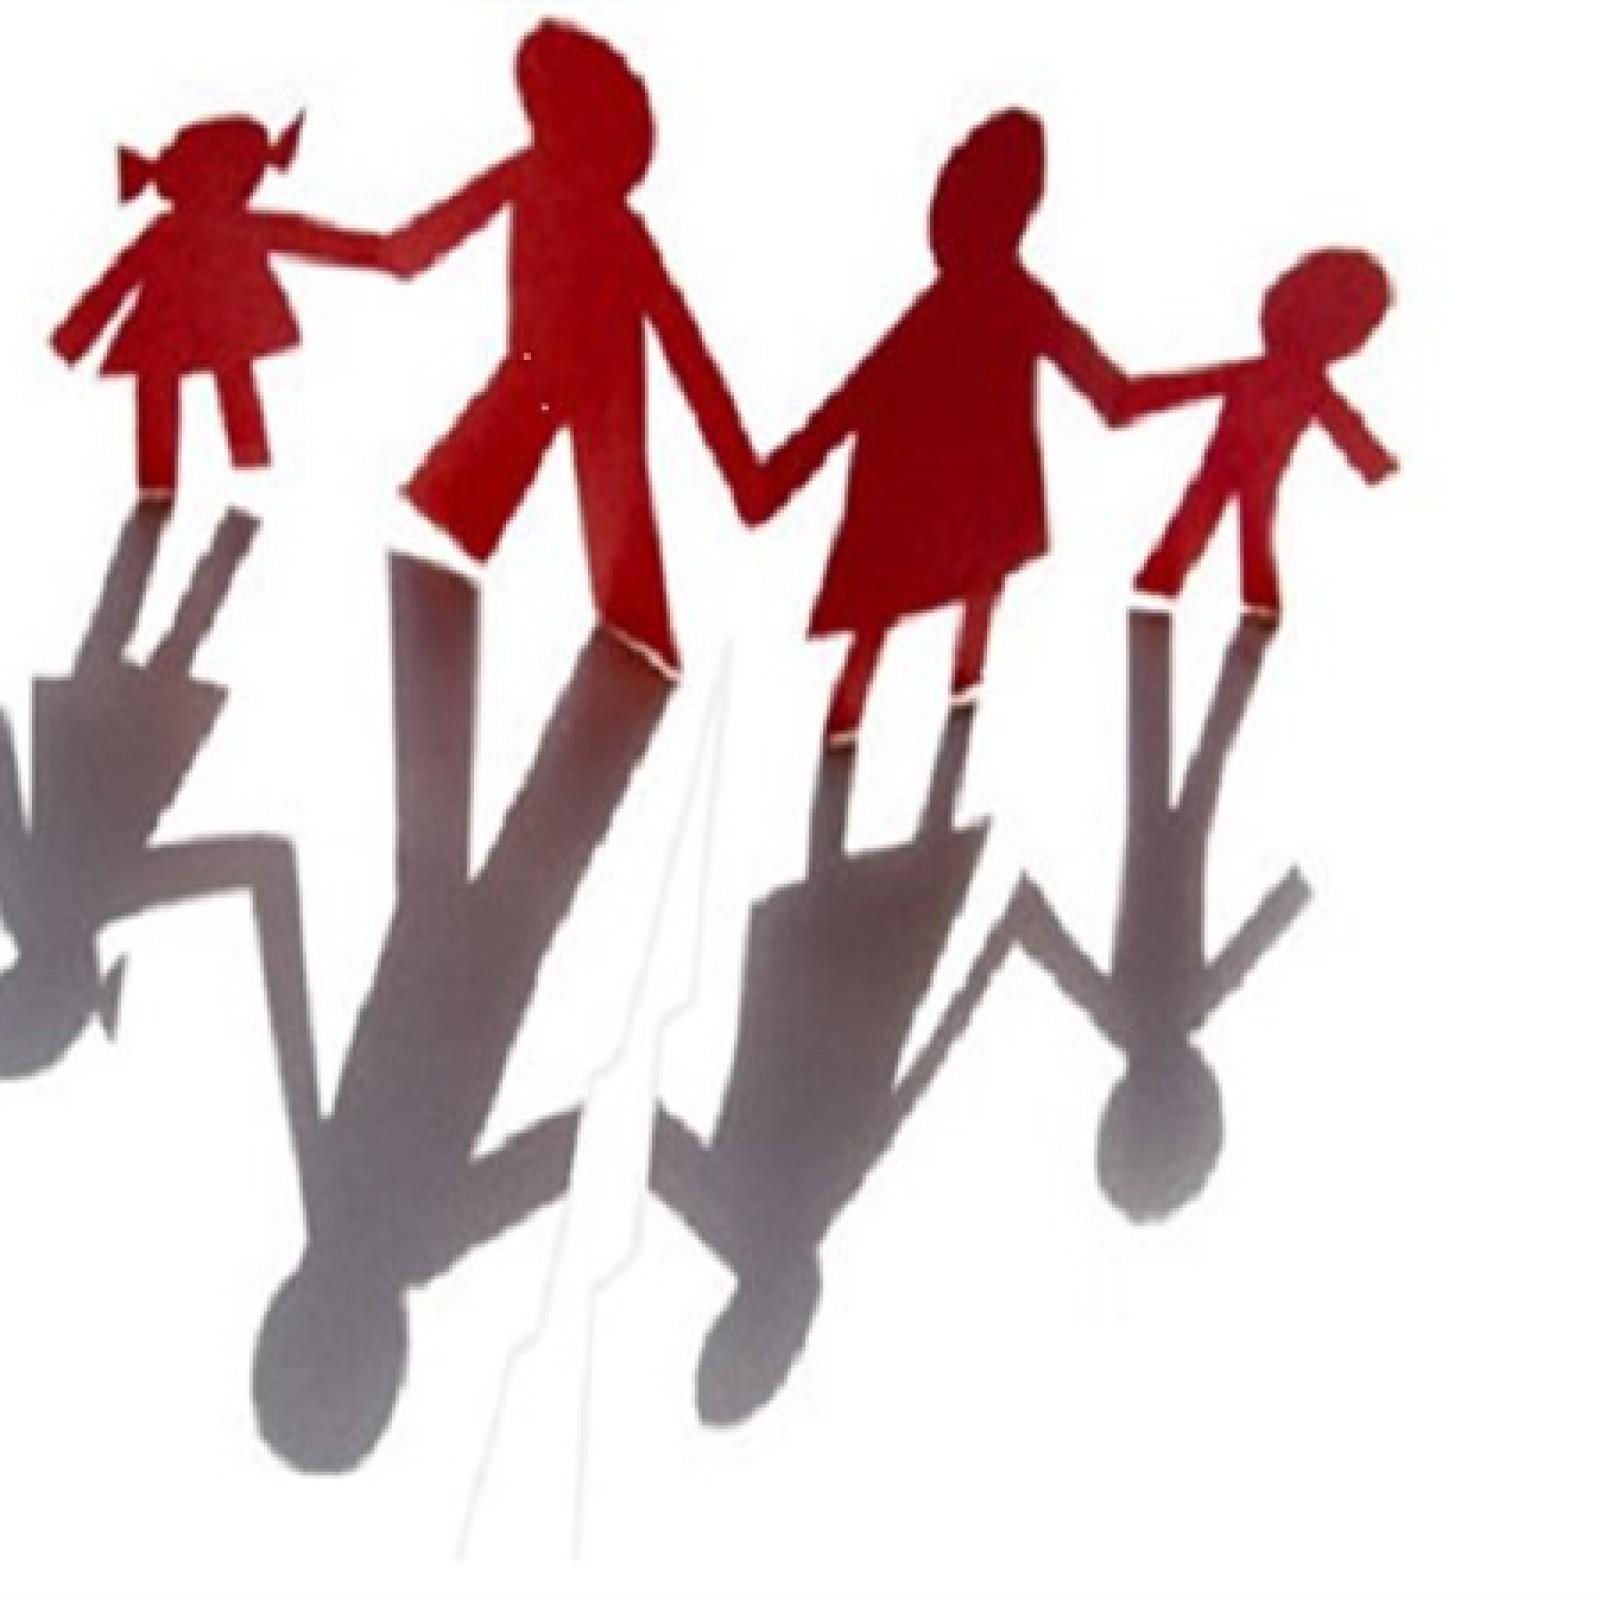 L'adottato ha diritto a conoscere le proprie origini anche in relazione ai fratelli e sorelle biologici…